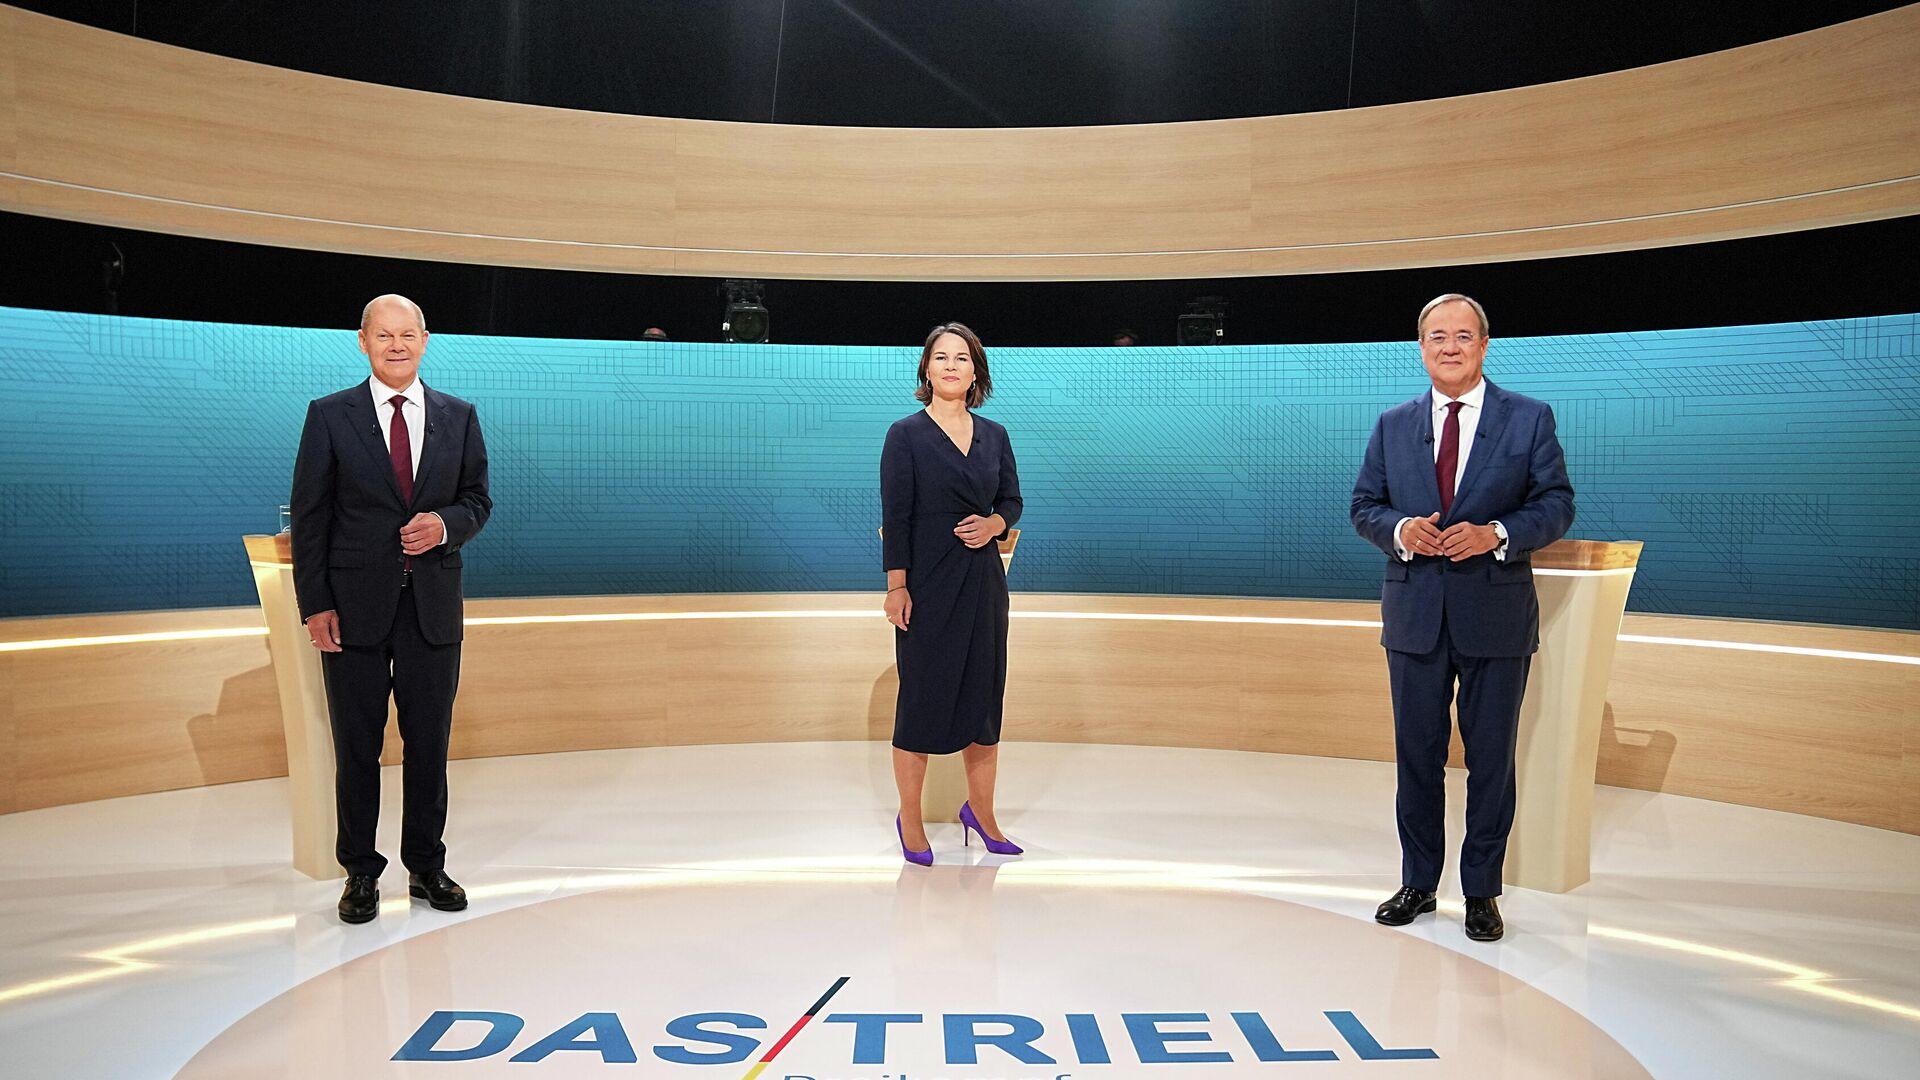 Die TV-Debatte von Annalena Baerbock, Olaf Scholz und Armin Laschet - SNA, 1920, 19.09.2021